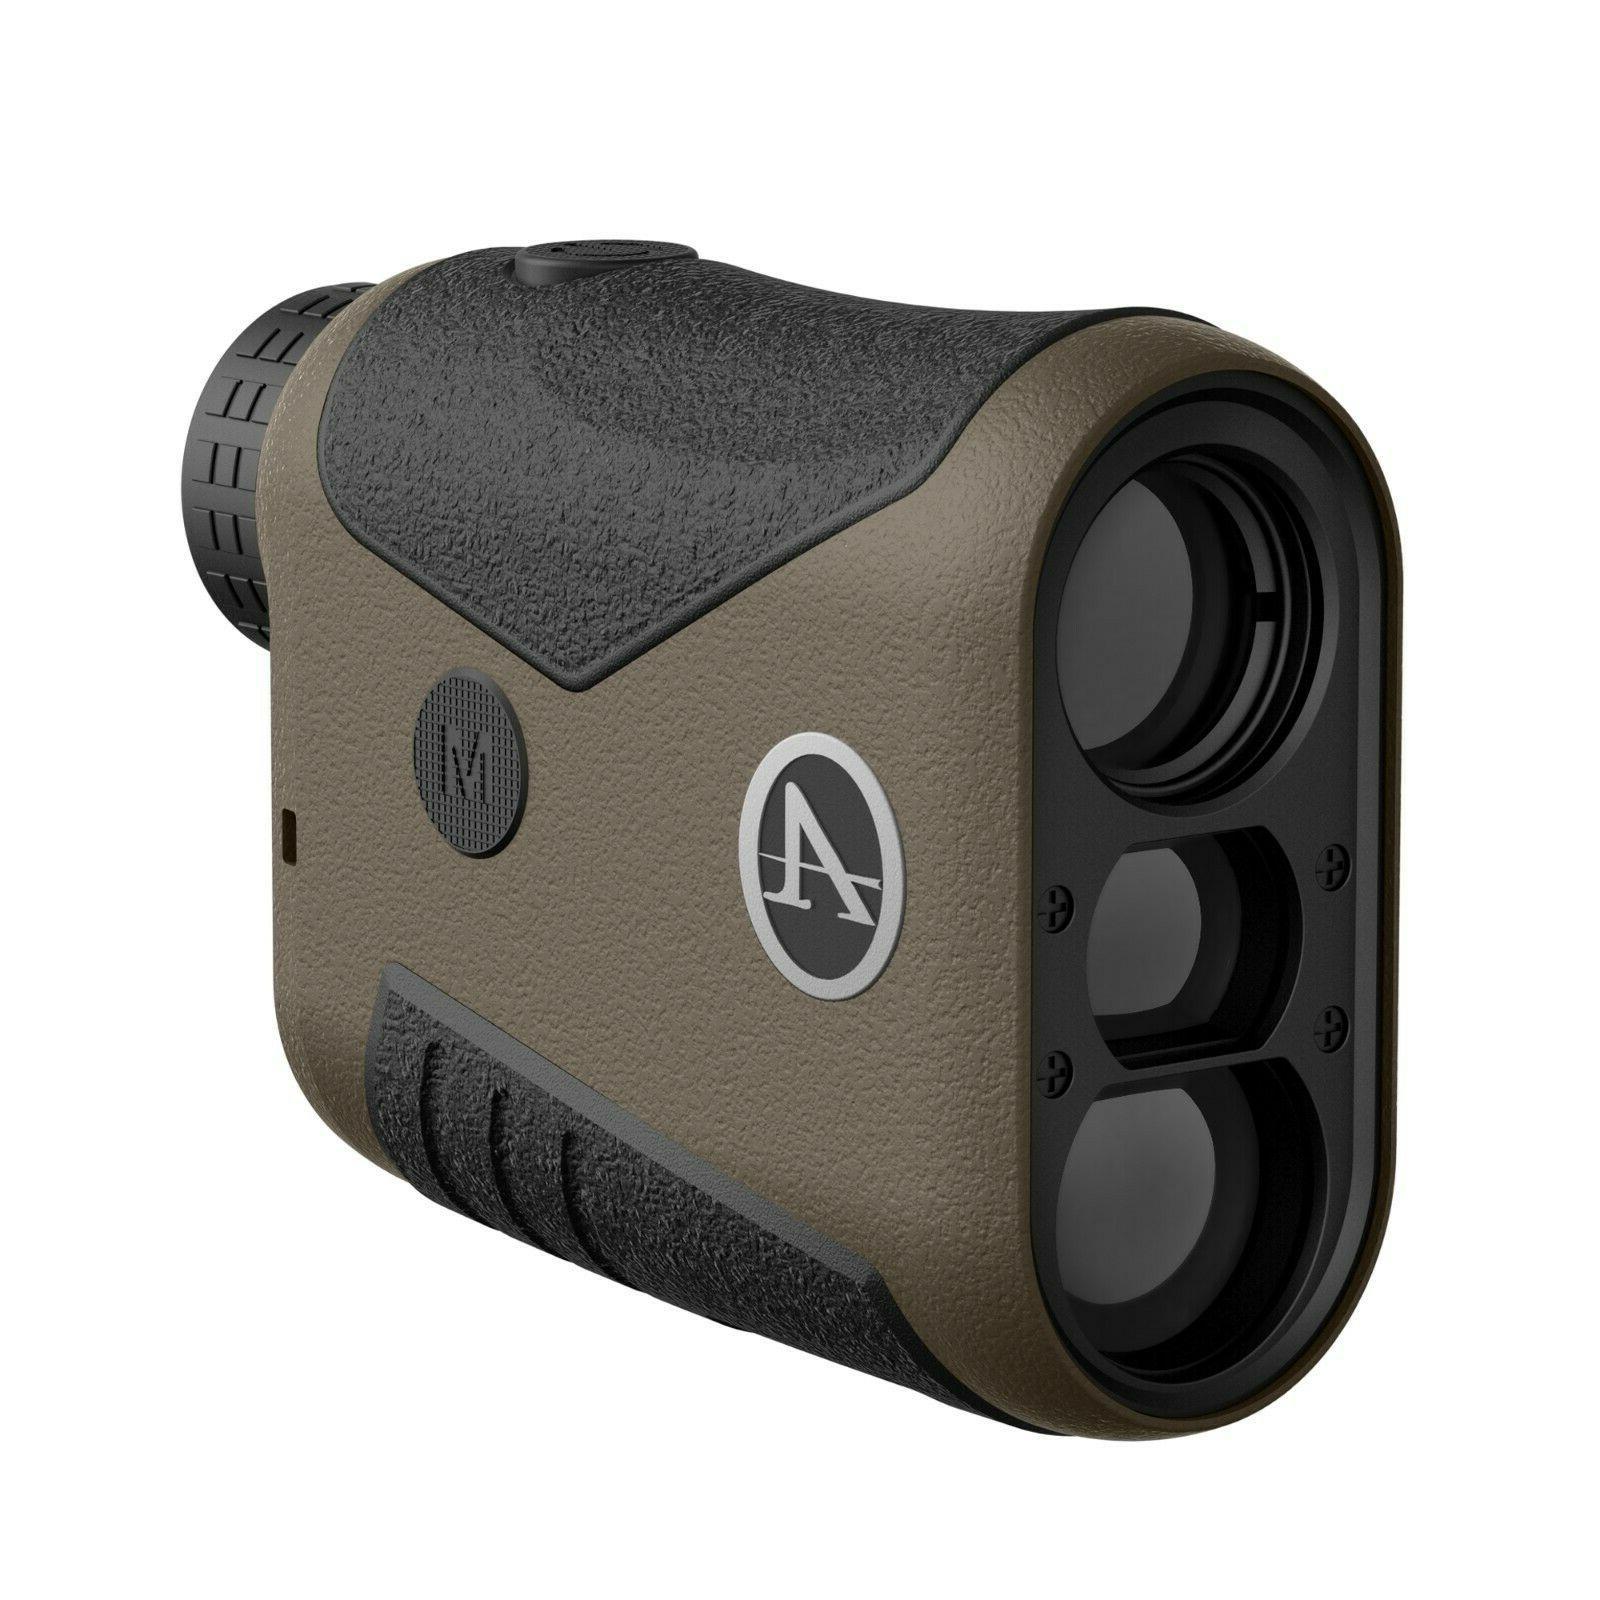 laser rangefinder talos 800y 800 yards 505002